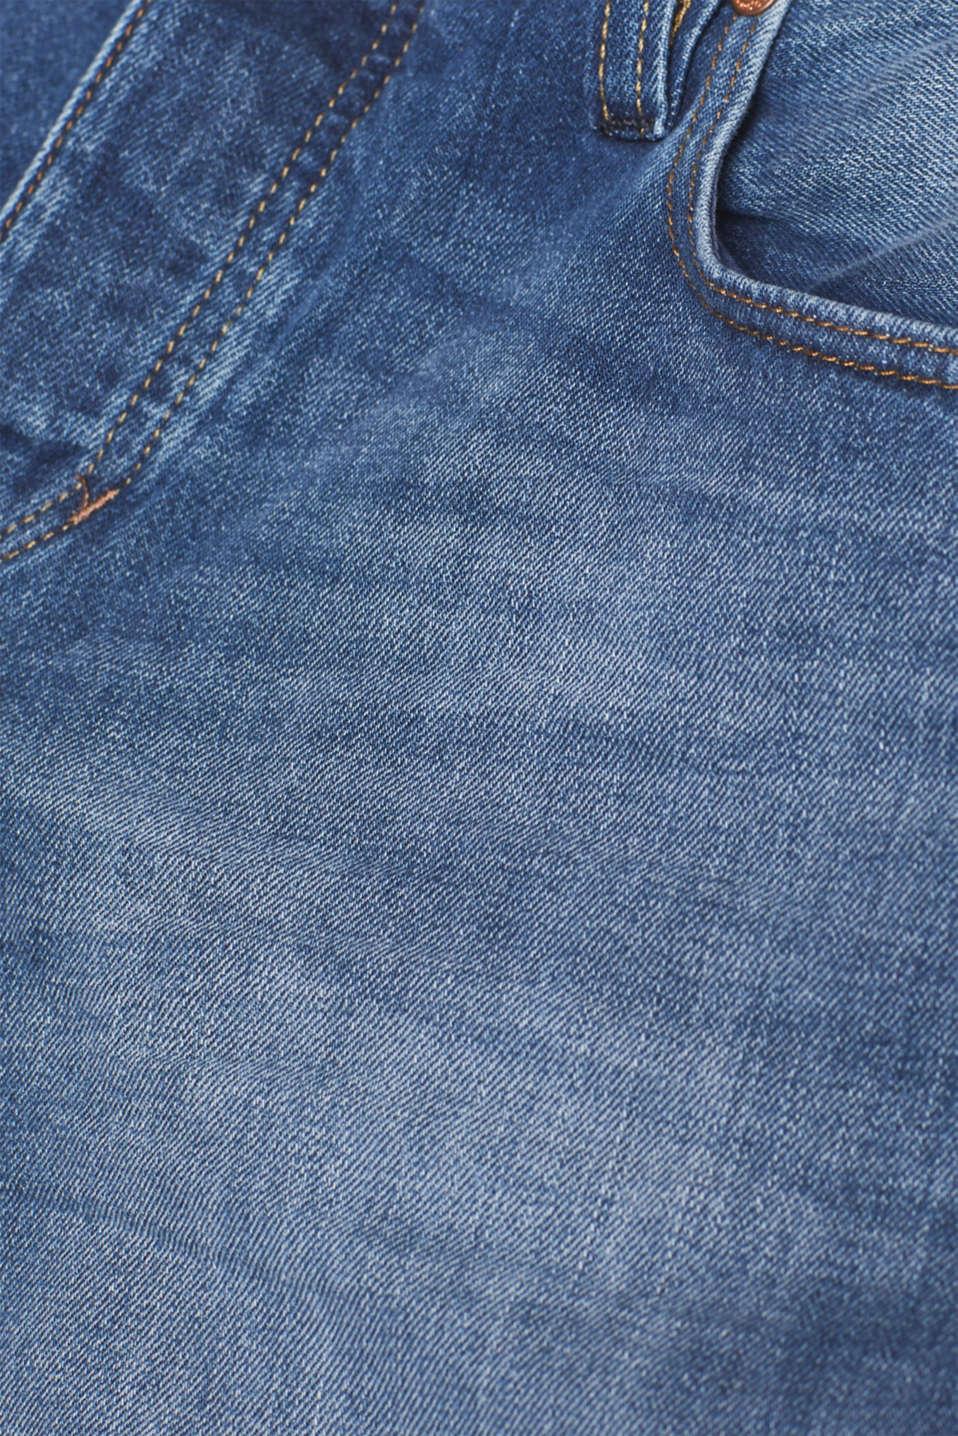 Vintage wash jeans, 100% cotton, BLUE MEDIUM WASH, detail image number 5